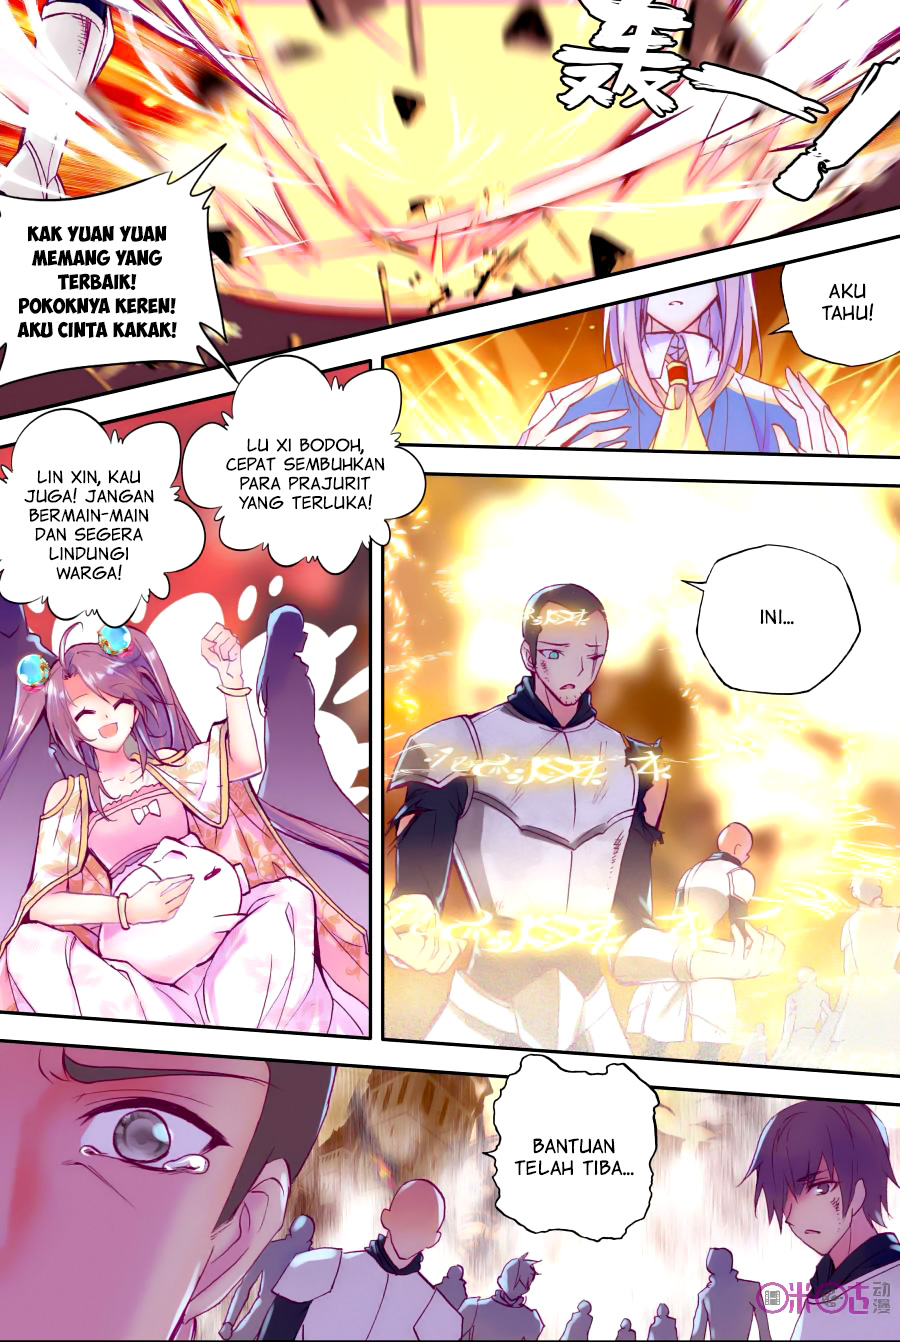 Komik shen yin wang zuo 116 - chapter 116 117 Indonesia shen yin wang zuo 116 - chapter 116 Terbaru 9|Baca Manga Komik Indonesia